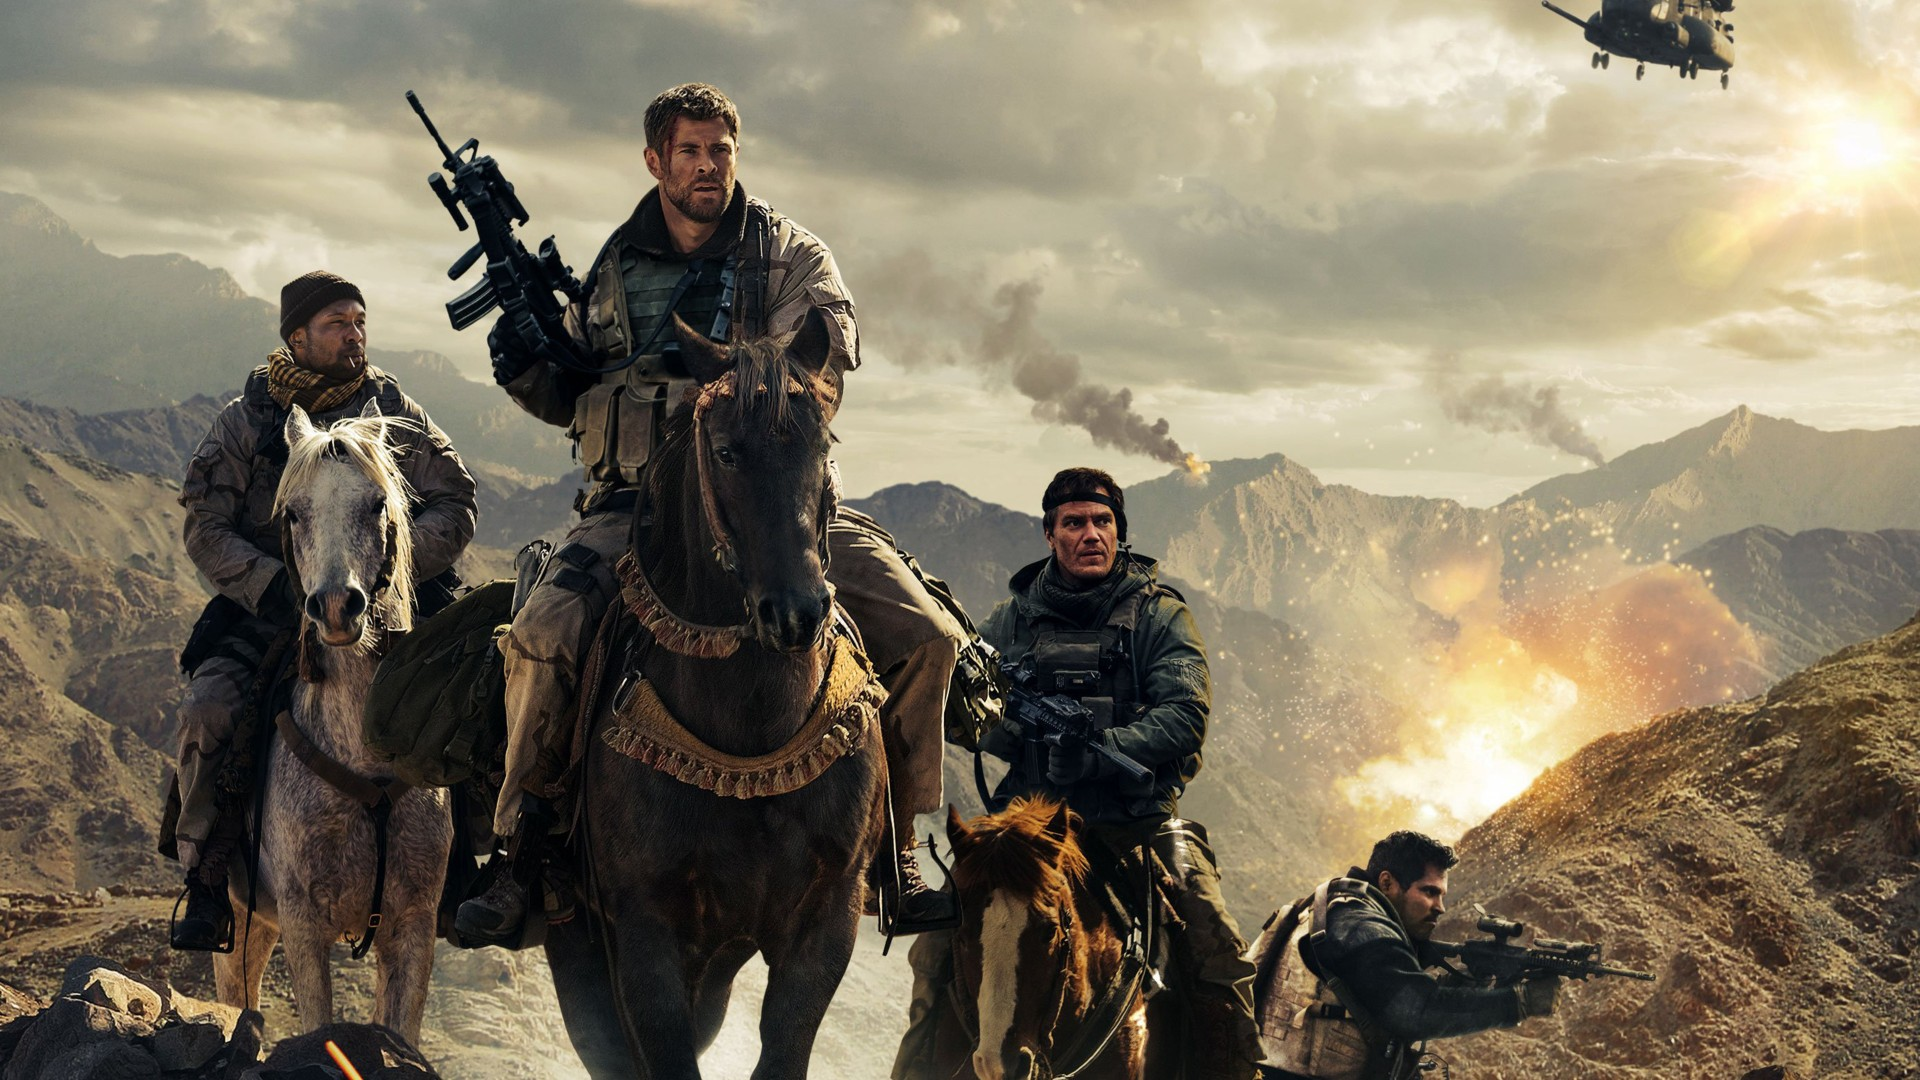 лучшие исторические фильмы 2018 список самых хороших